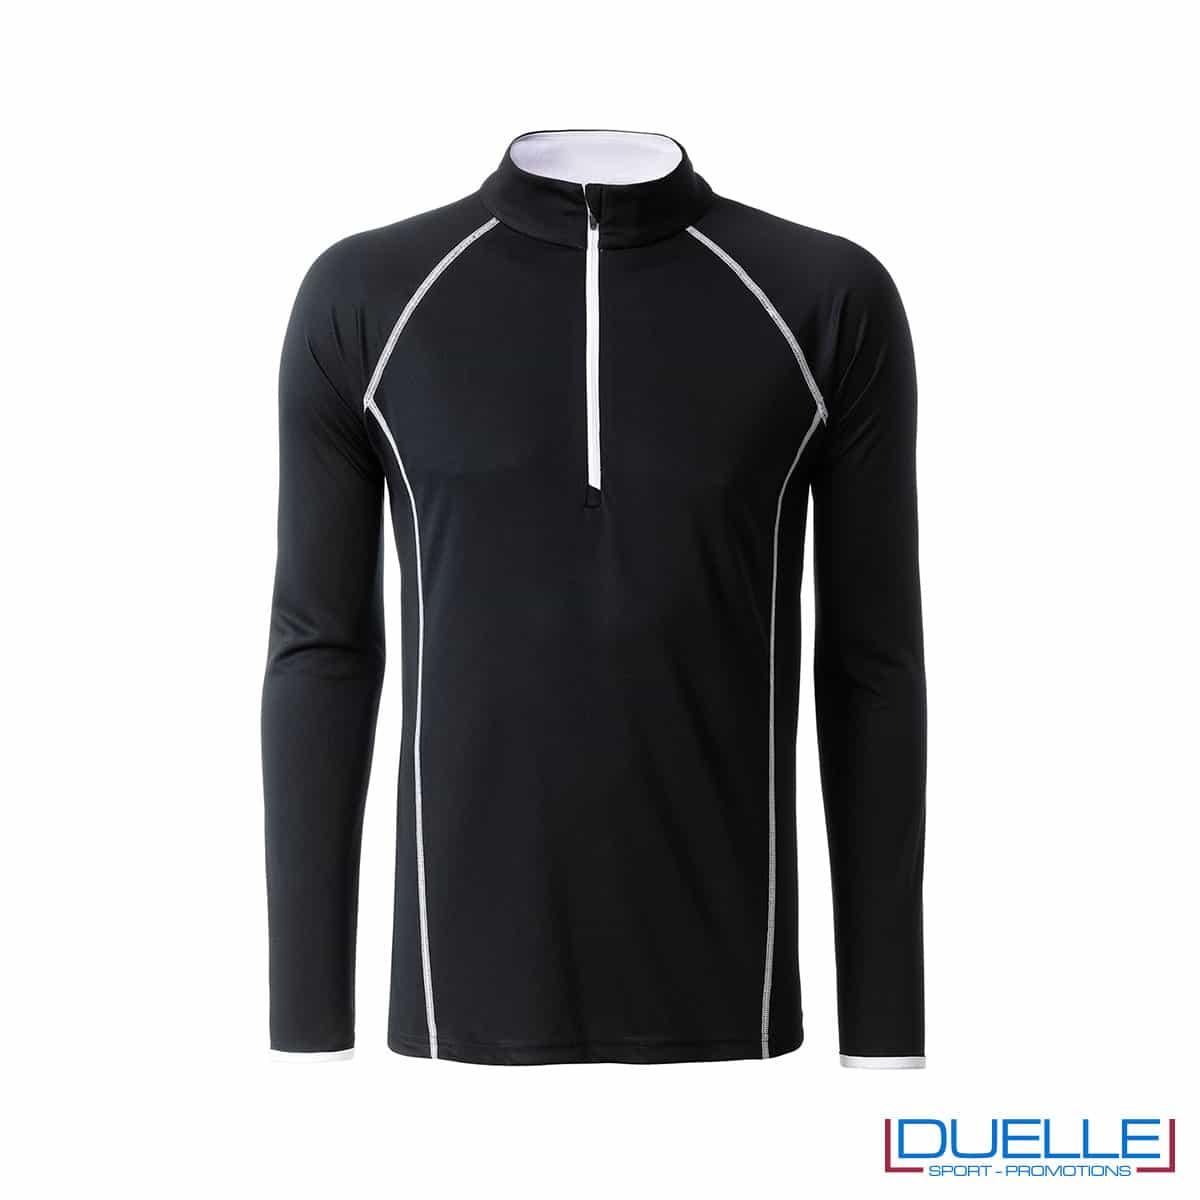 T-shirt manica lunga con zip colore nero personalizzata